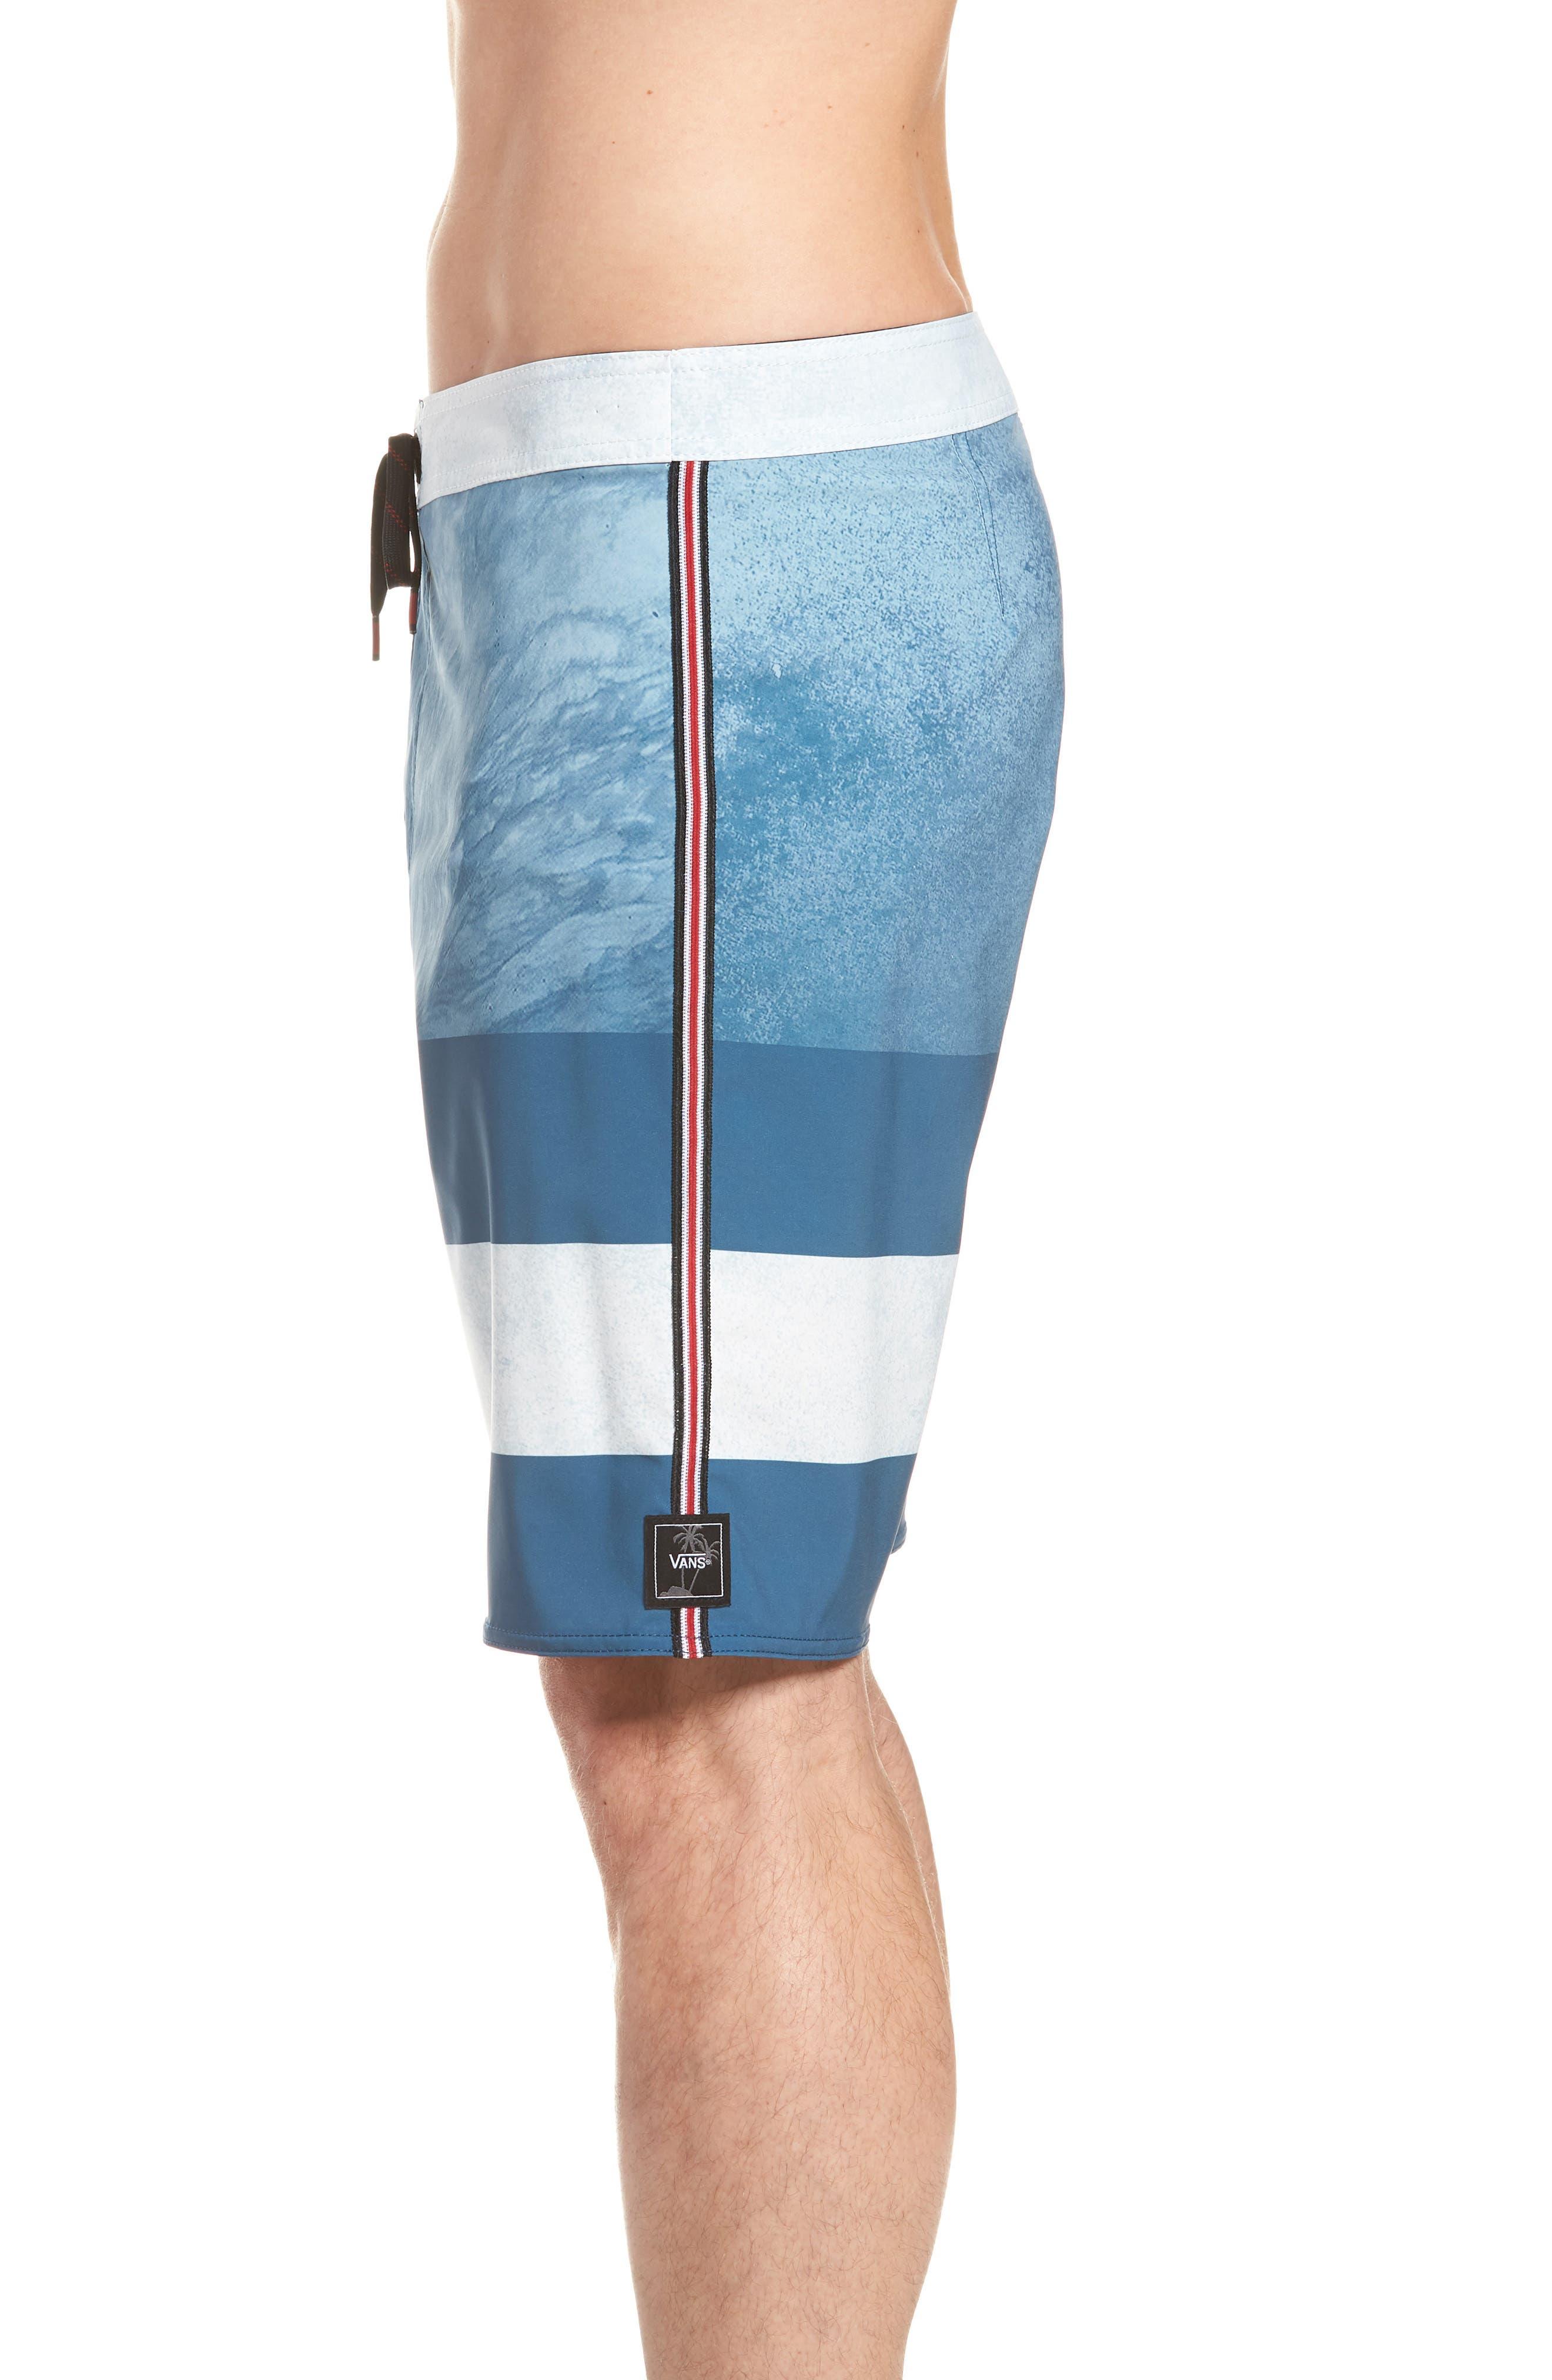 Era Board Shorts,                             Alternate thumbnail 4, color,                             Real Teal/ Nathan Florence